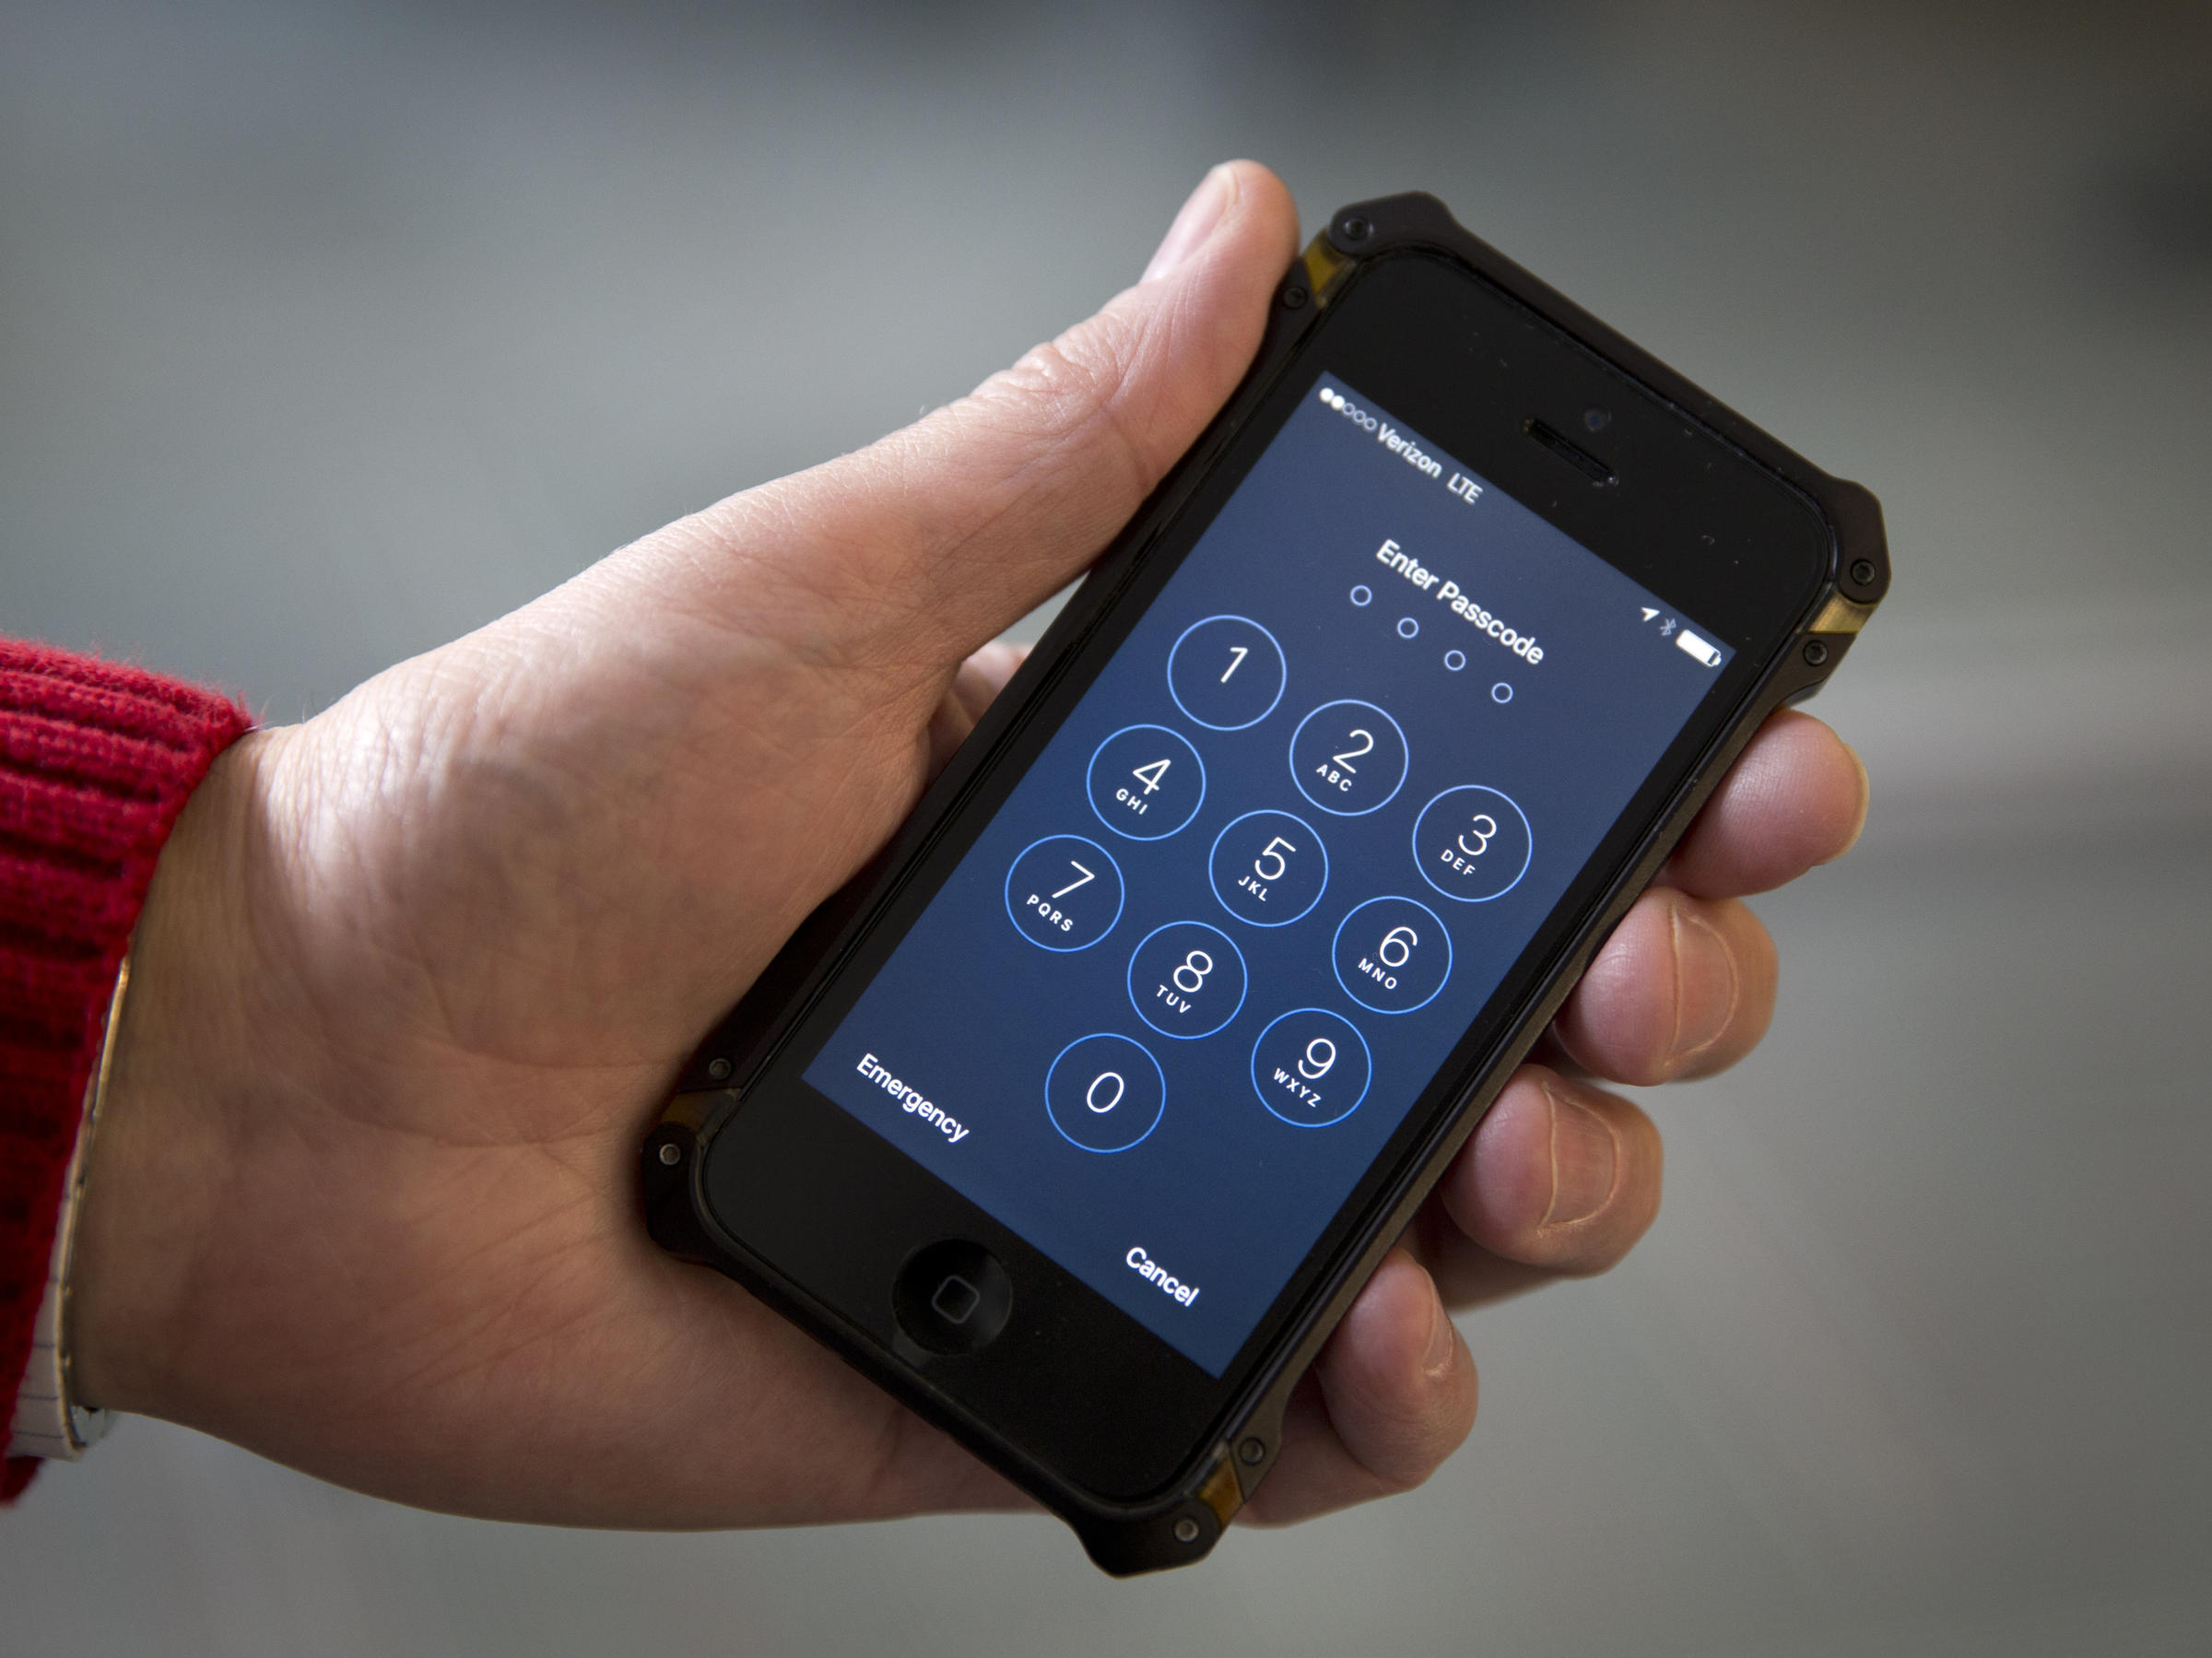 ФСБ знает как взломать iPhone без помощи Apple